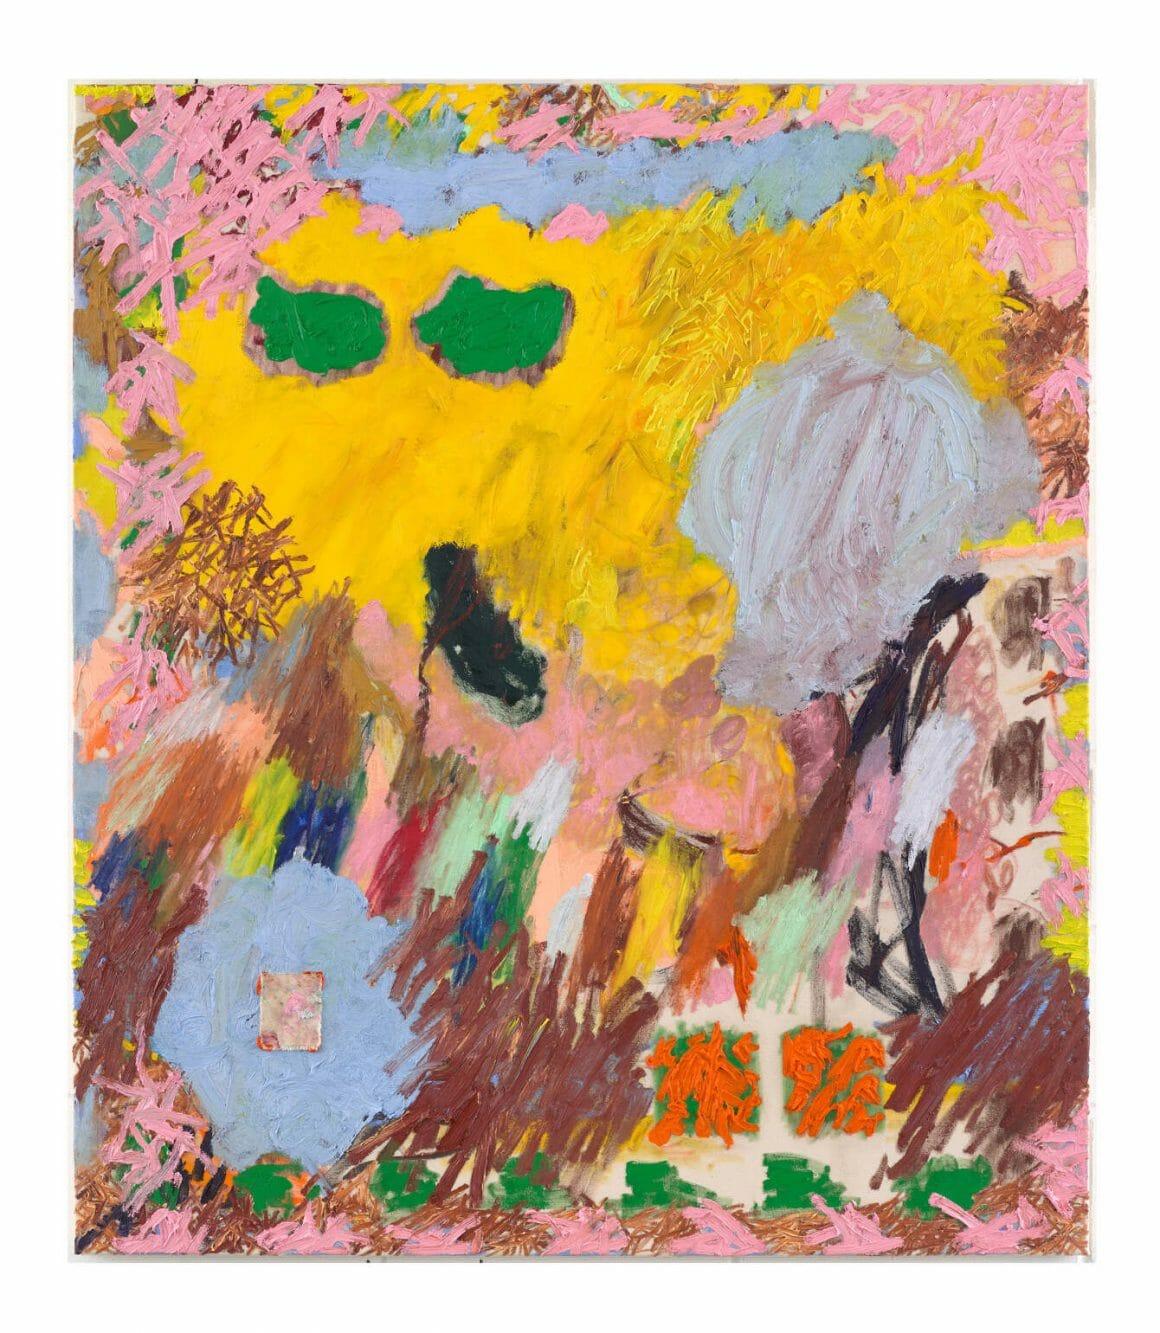 Daisy Parris Abstract tache jaune et ronds verts